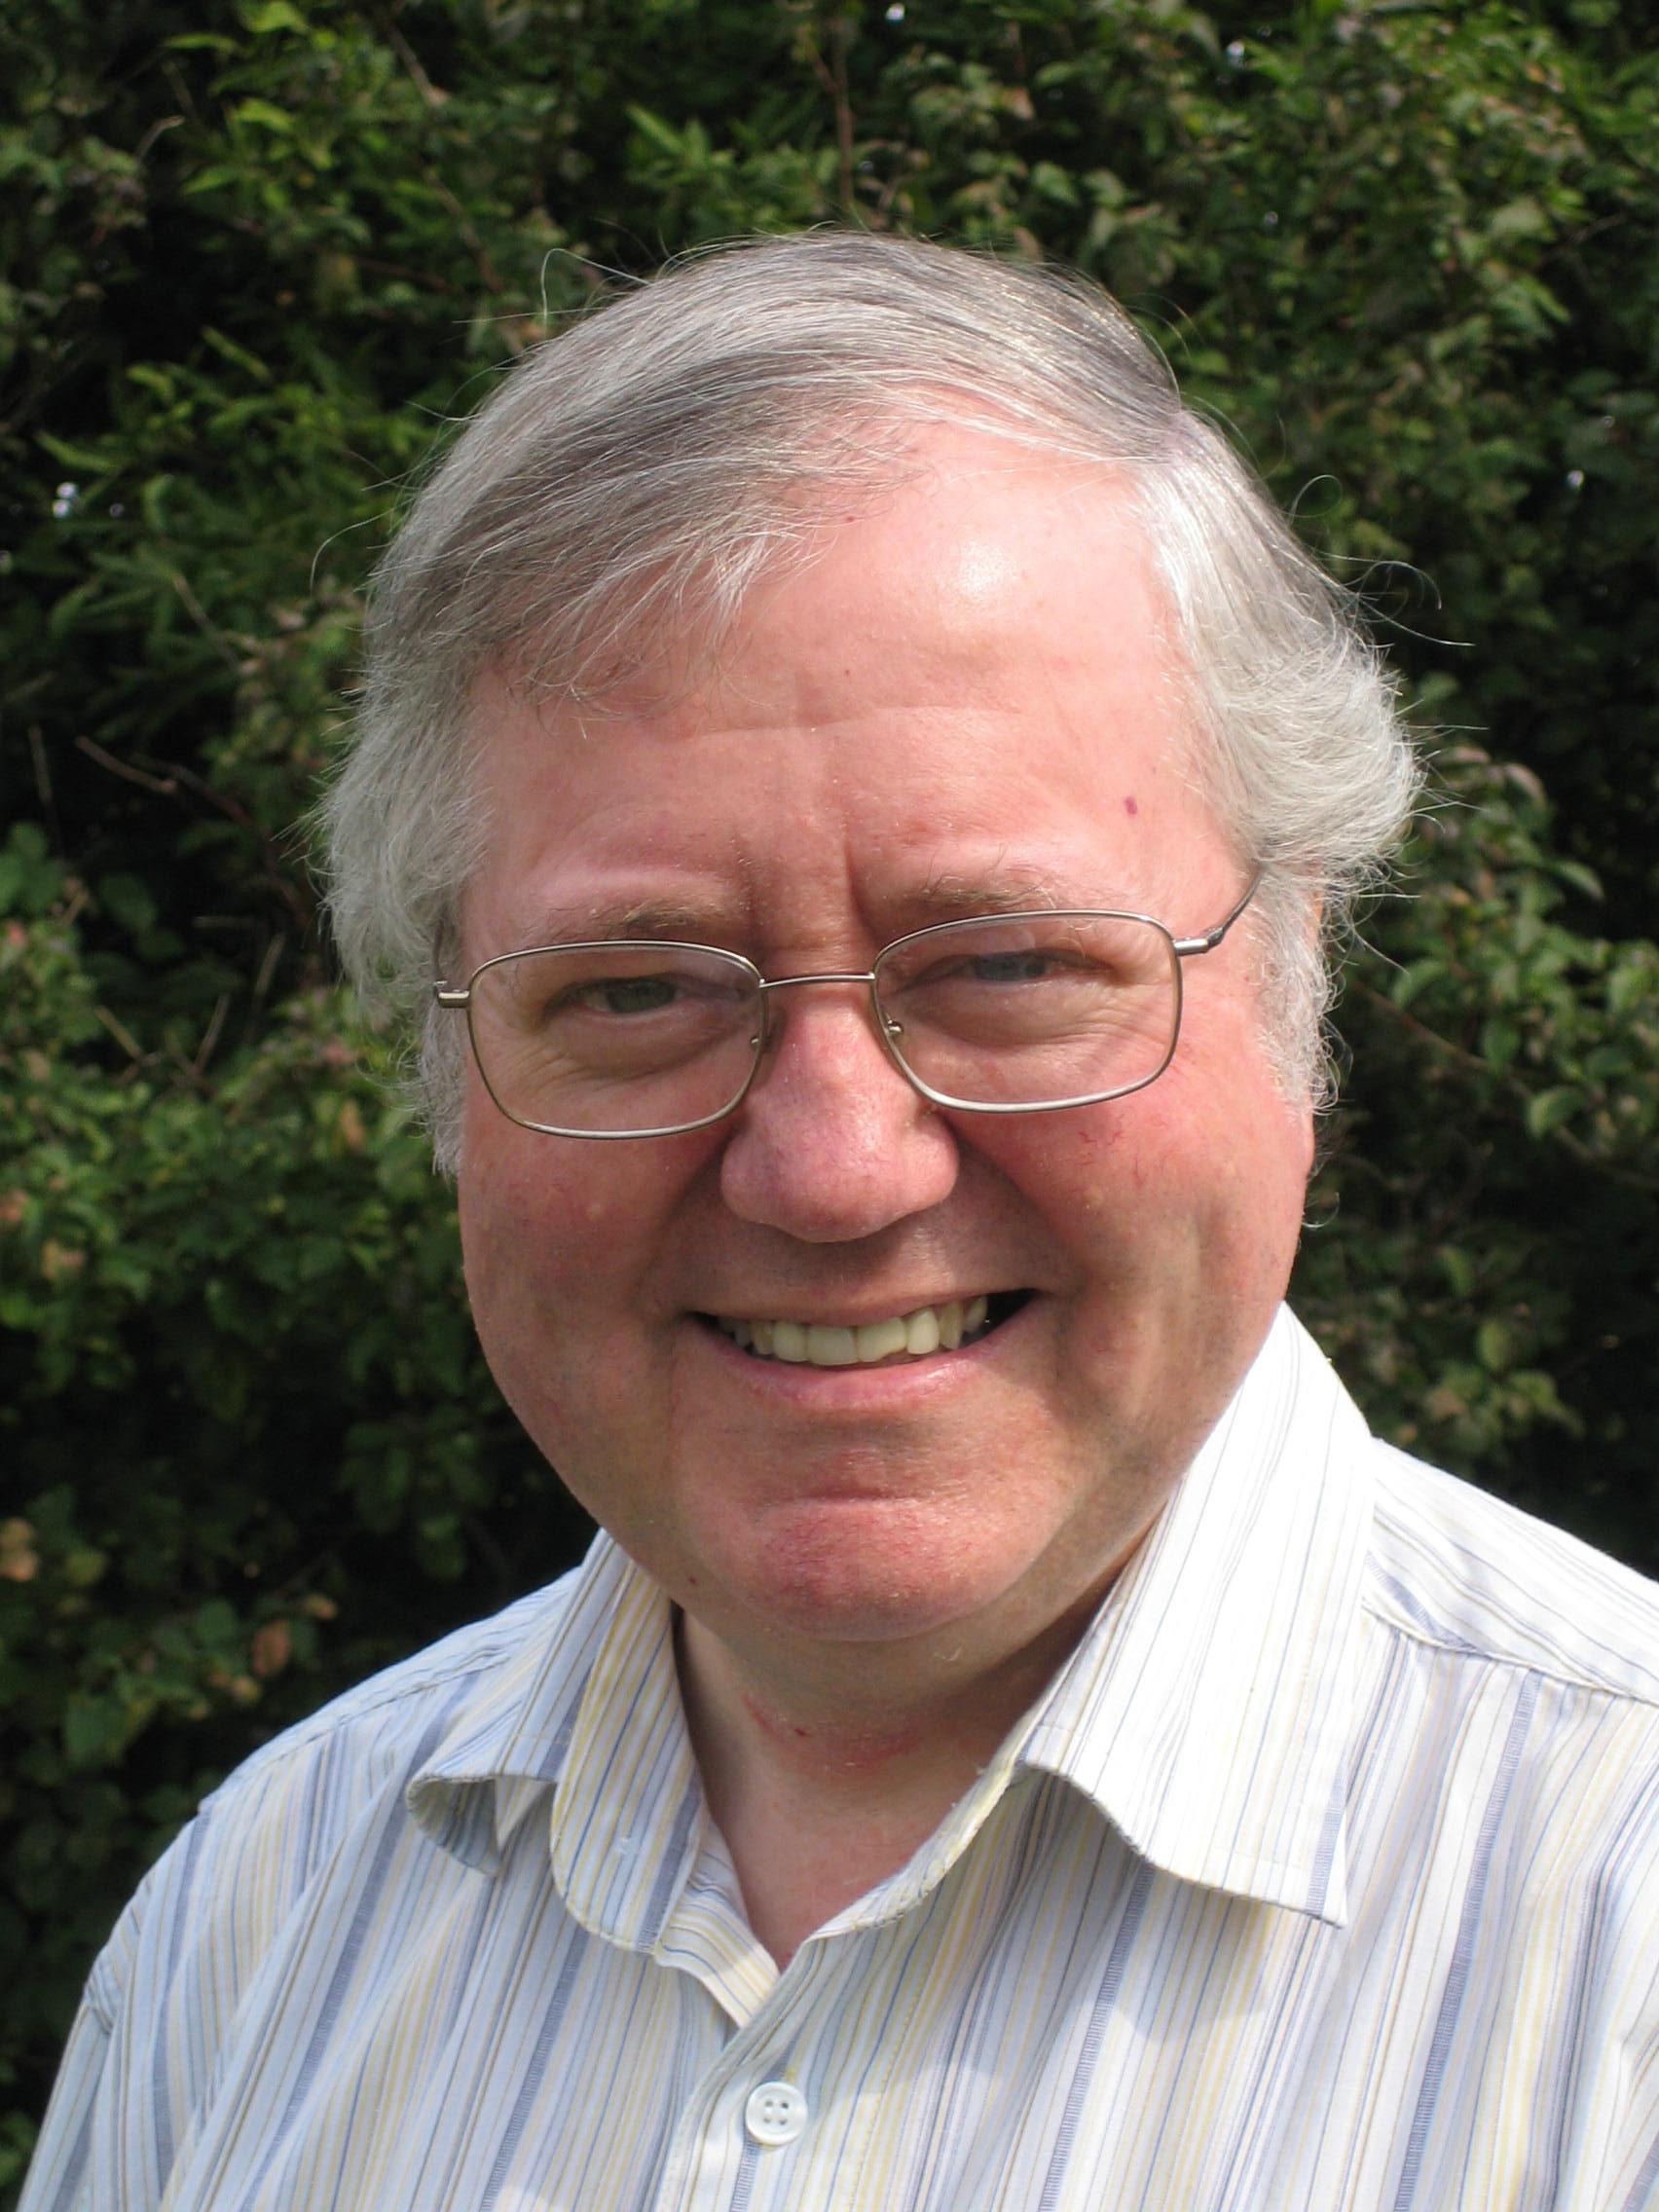 picture David Schofield (born 1951)